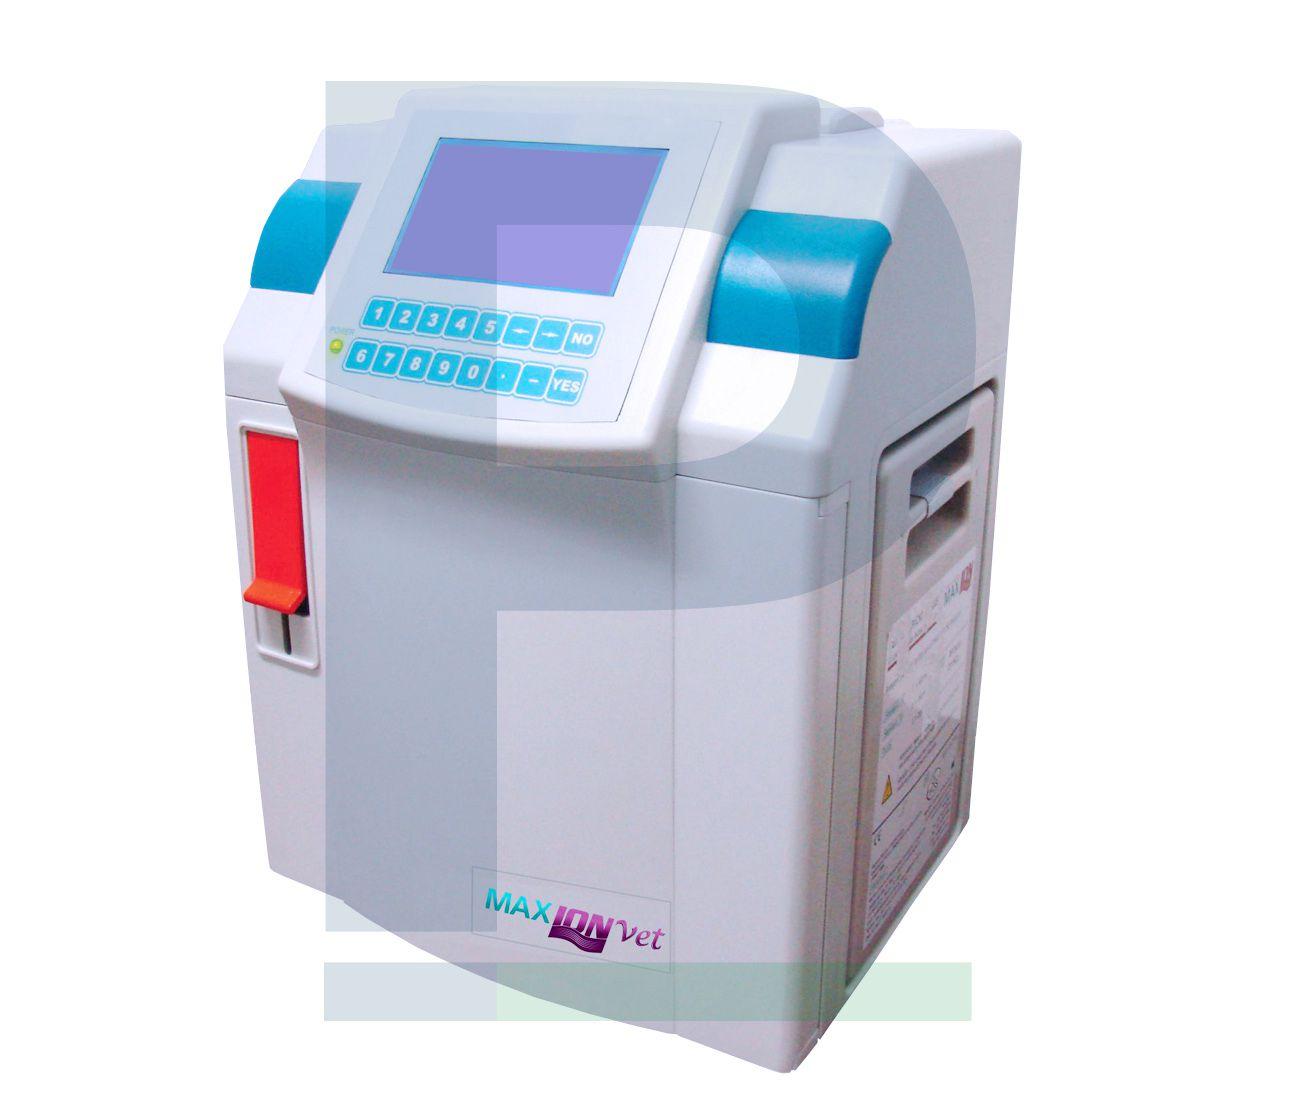 Analisador de Eletrólitos Veterinário